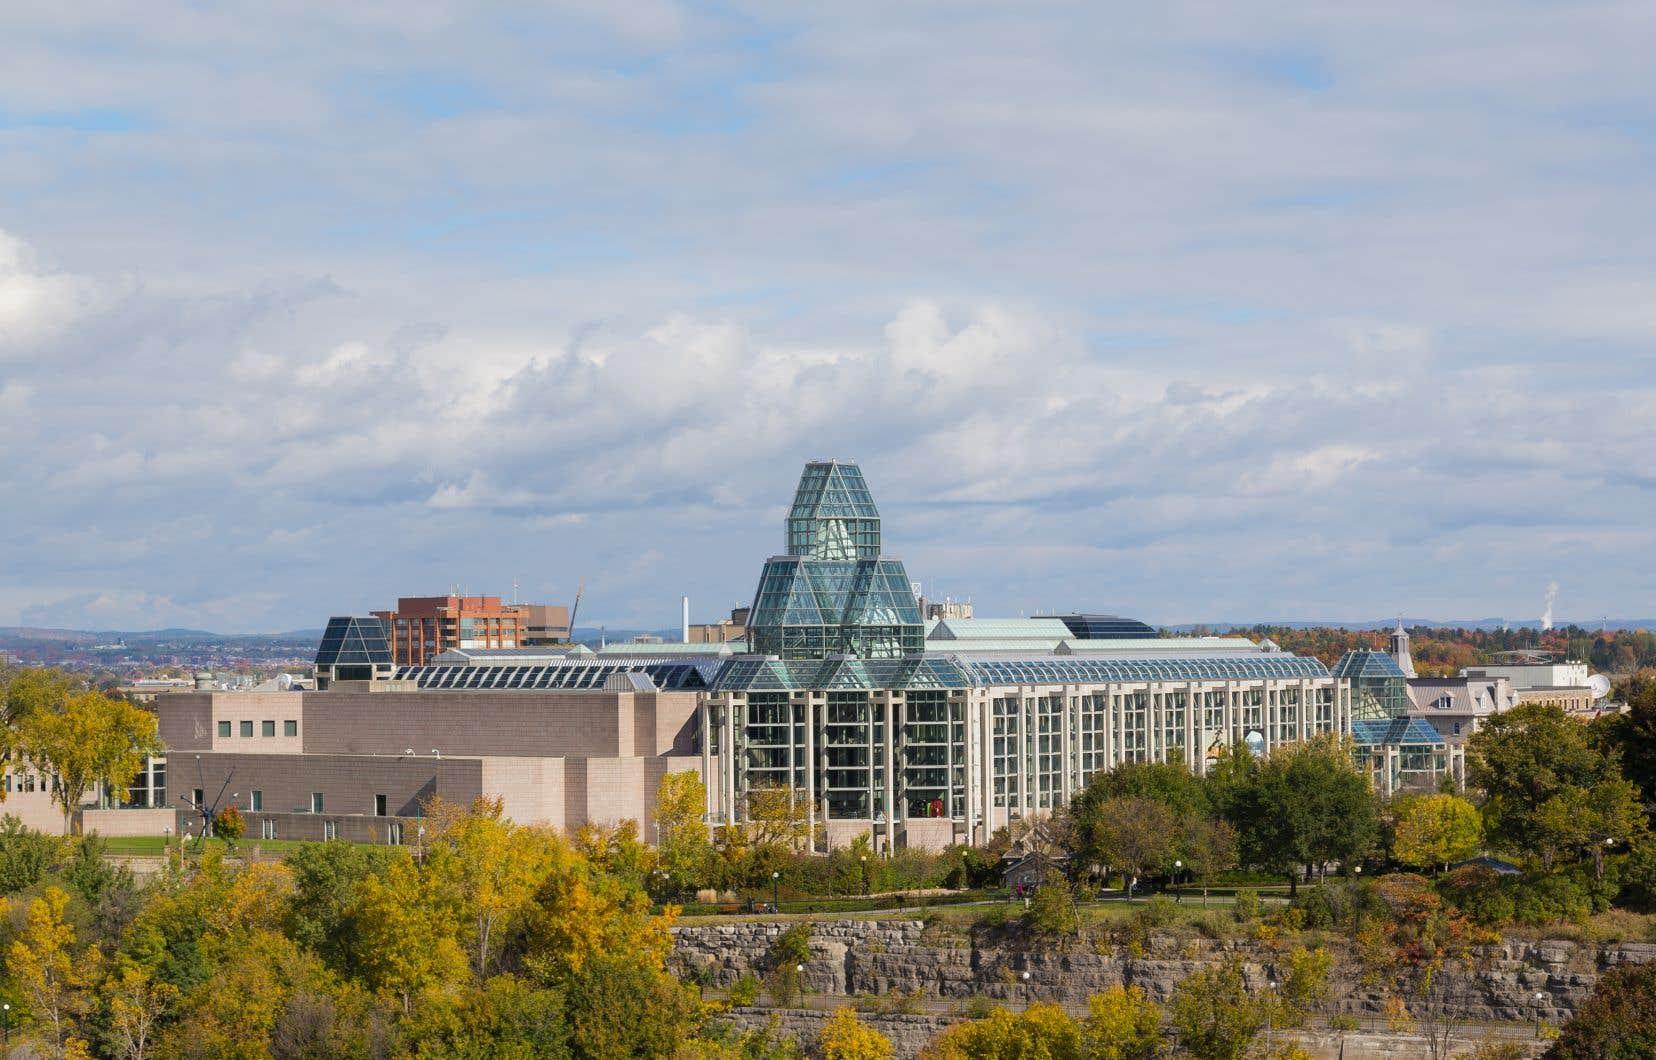 La décision du Musée des beaux-arts du Canada de se départir aux enchères d'un des deux tableaux de Marc Chagall qu'il possède serait une grande perte pour le domaine public, selon des critiques en arts visuels.